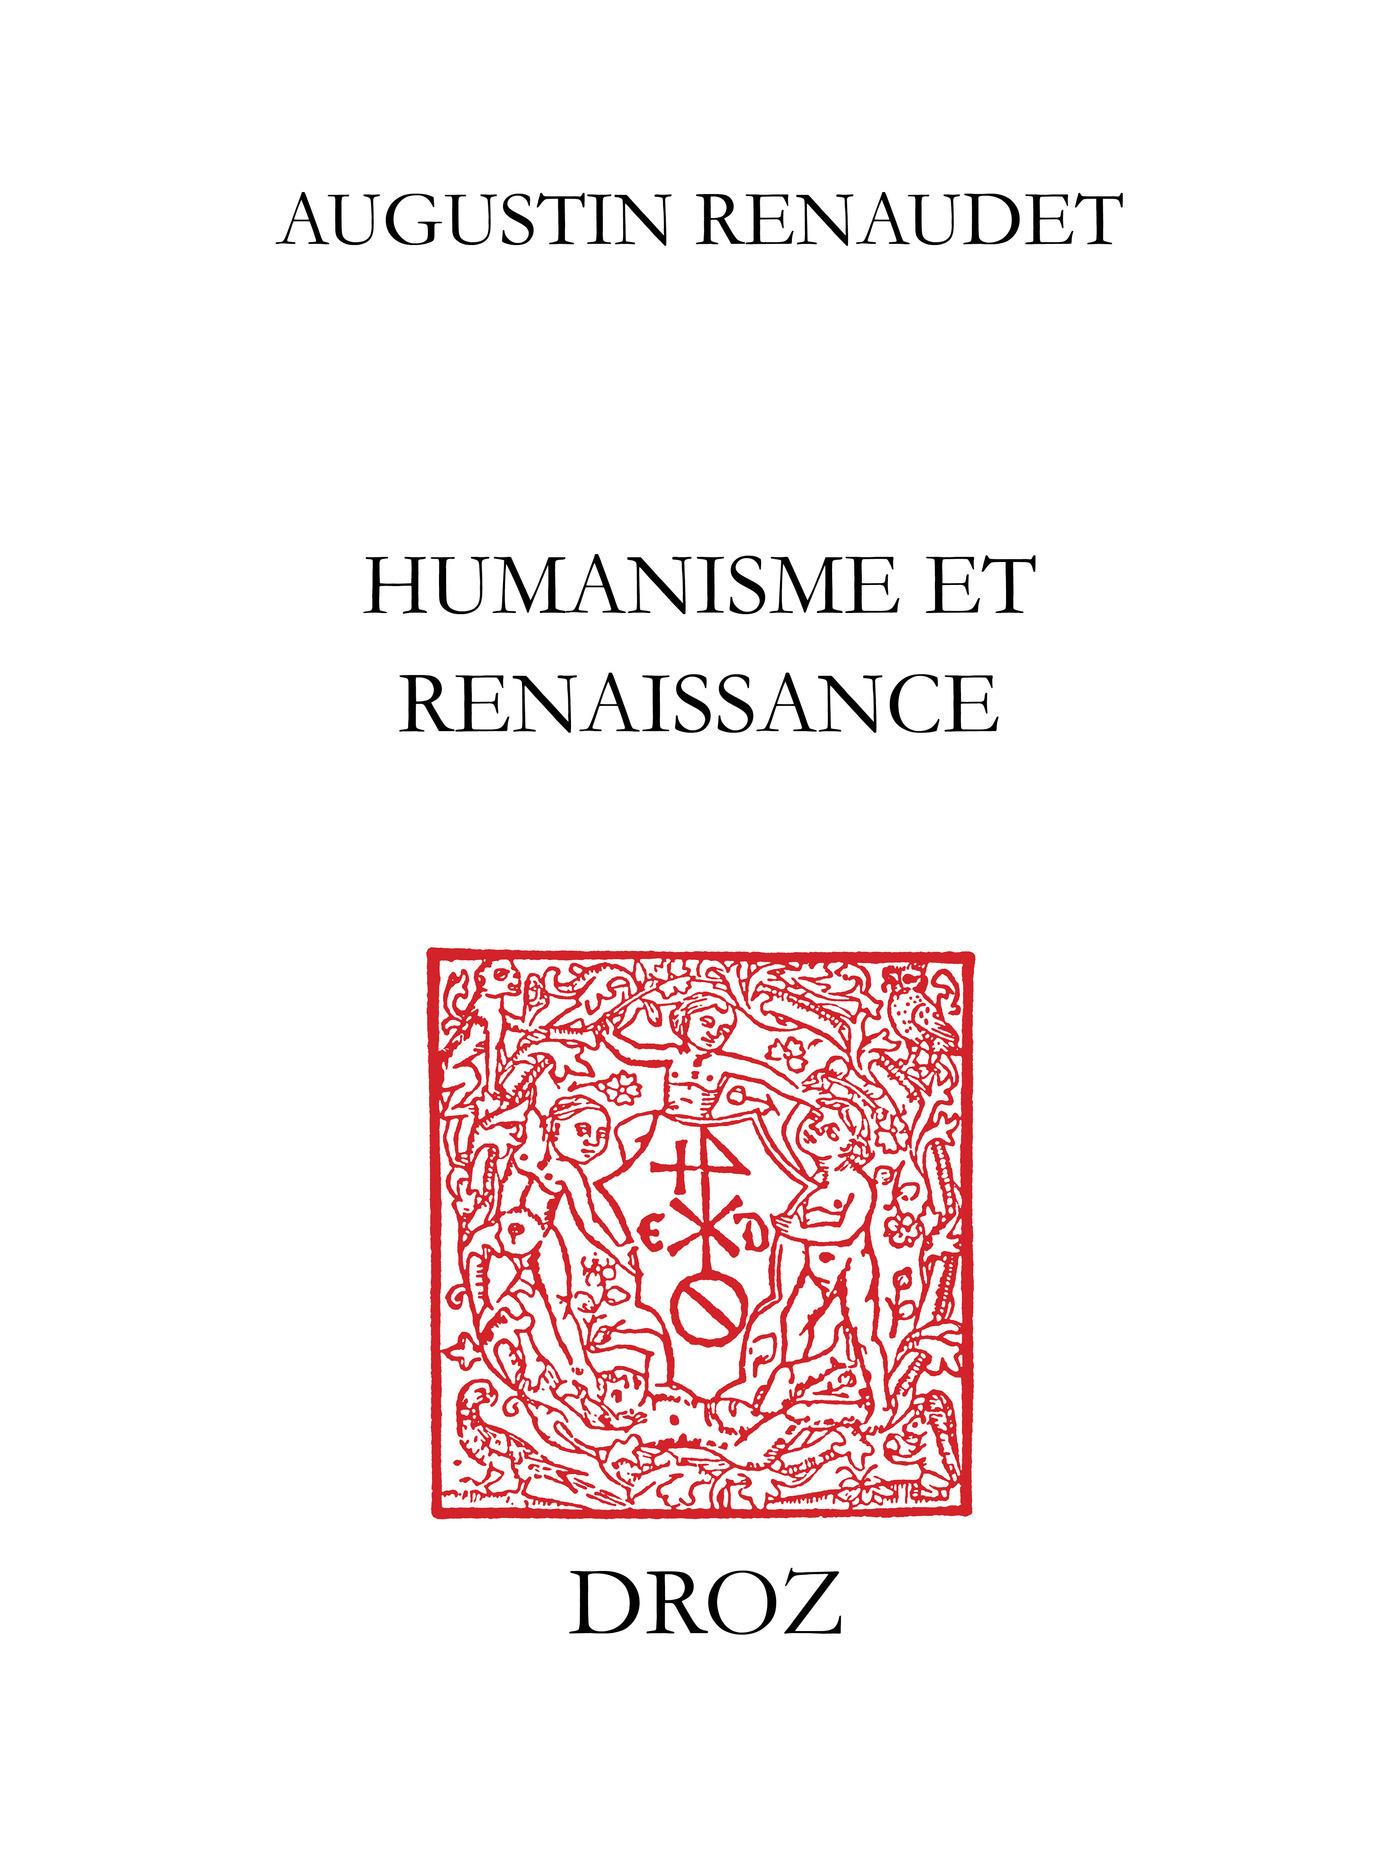 Humanisme et Renaissance  - Augustin Renaudet